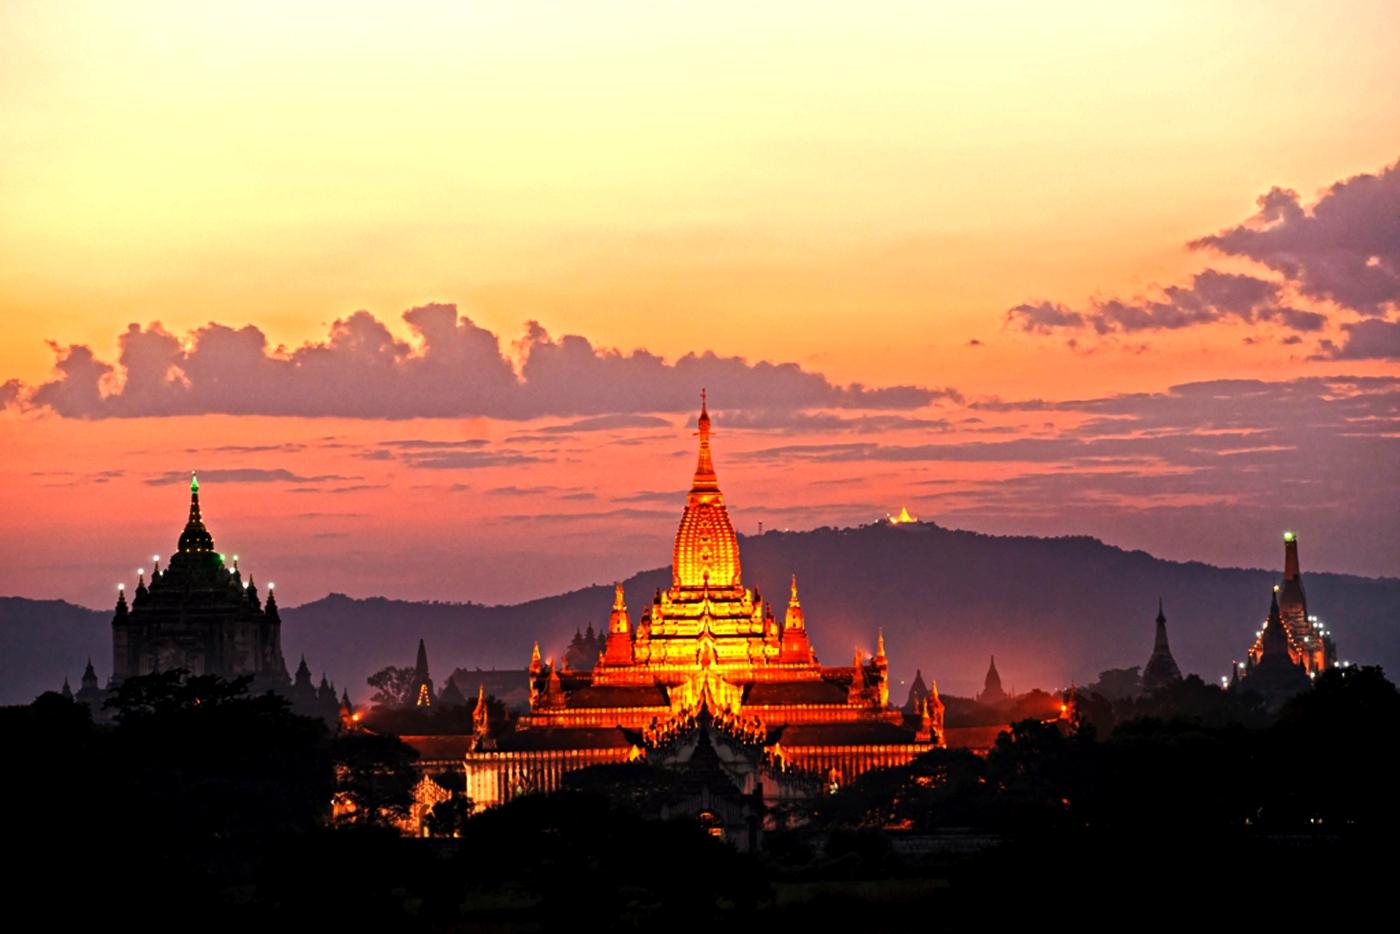 освещенный храм багана